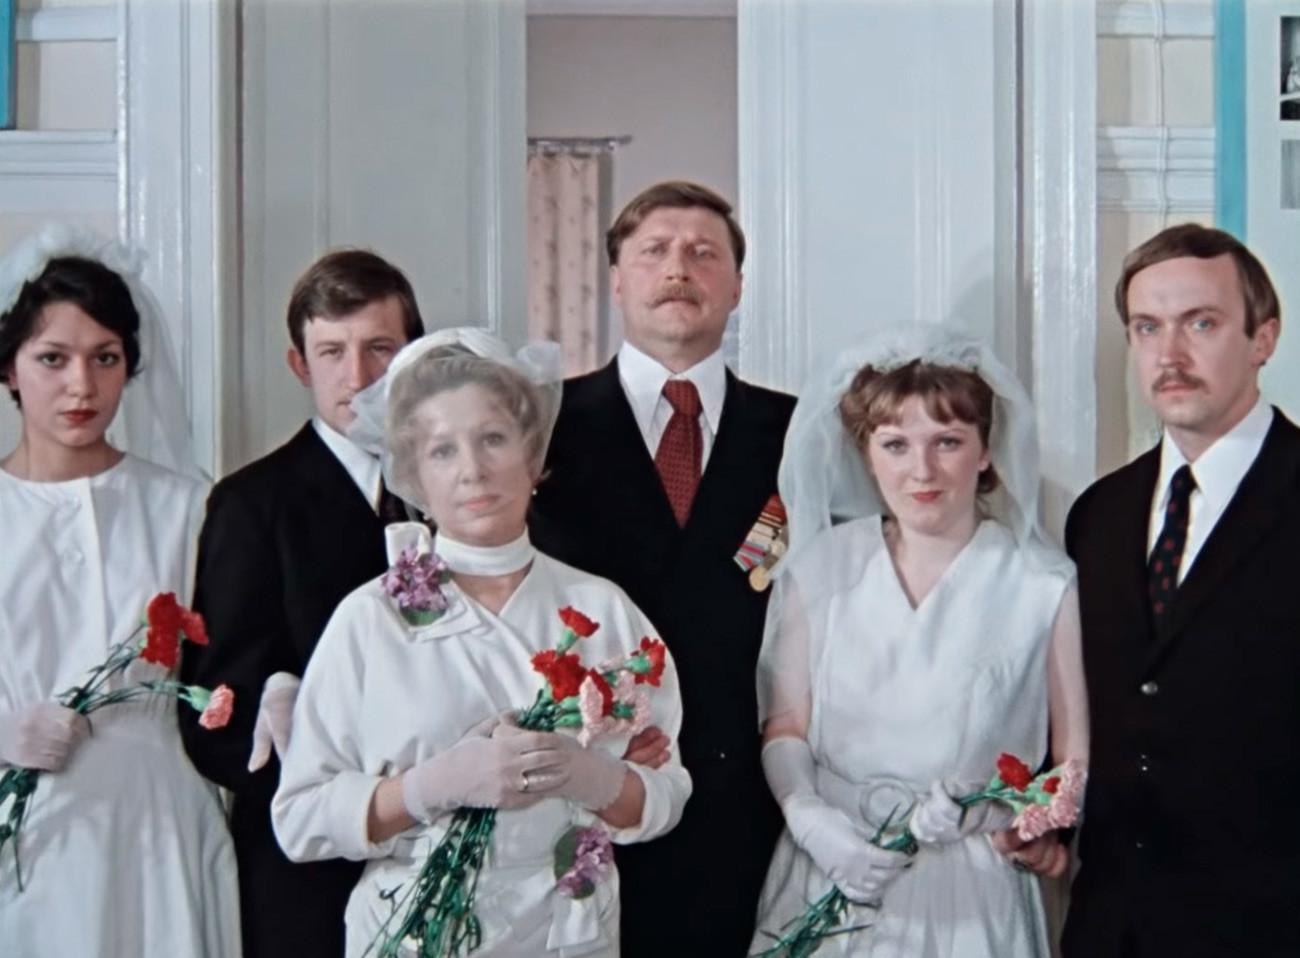 ミハイル・カザコフ監督の映画「ポクロフの門」の結婚式の場面